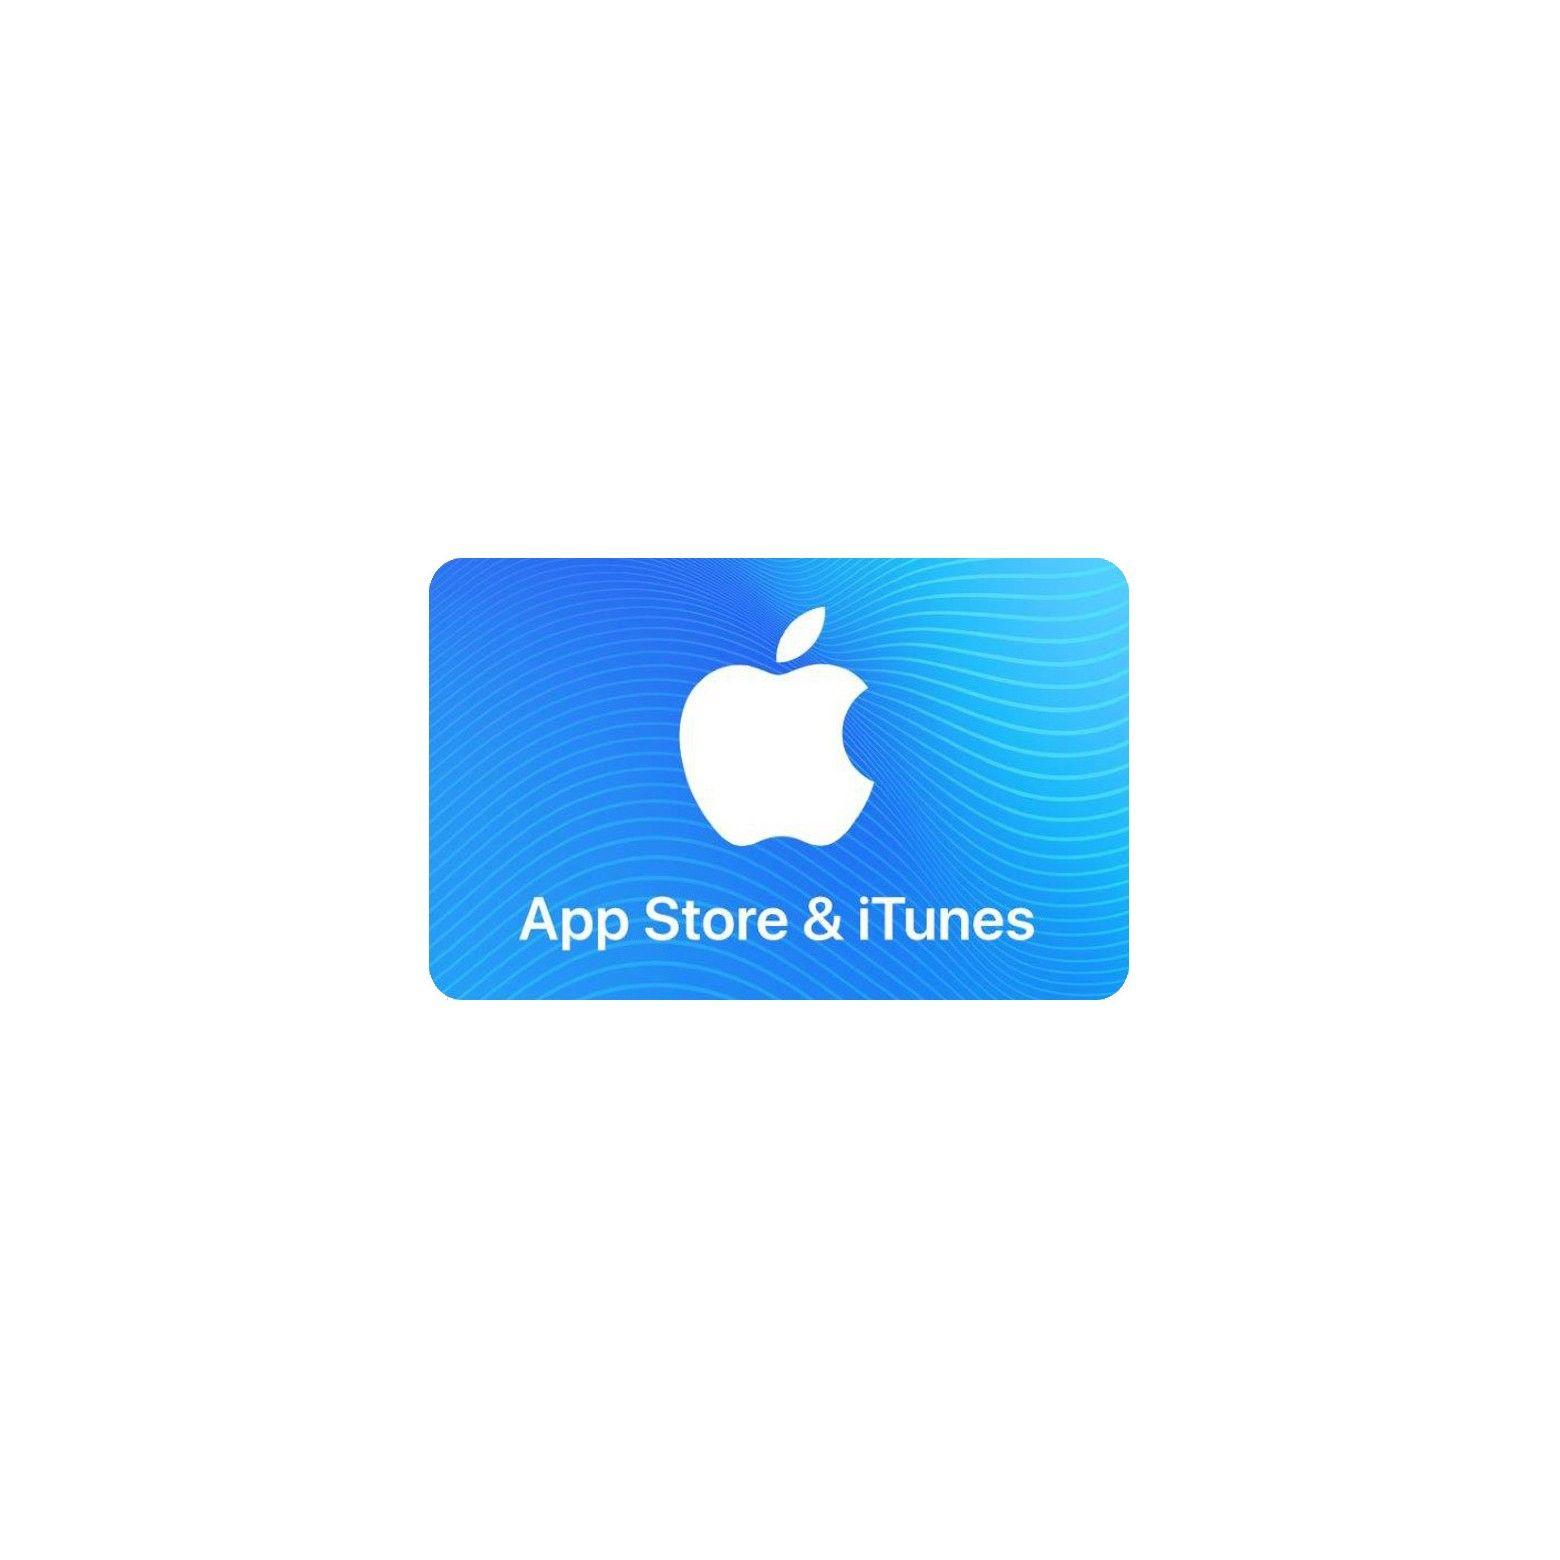 23edcc8427b32166c6f23ec30e92efcb - How Do I Get To The App Store In Itunes